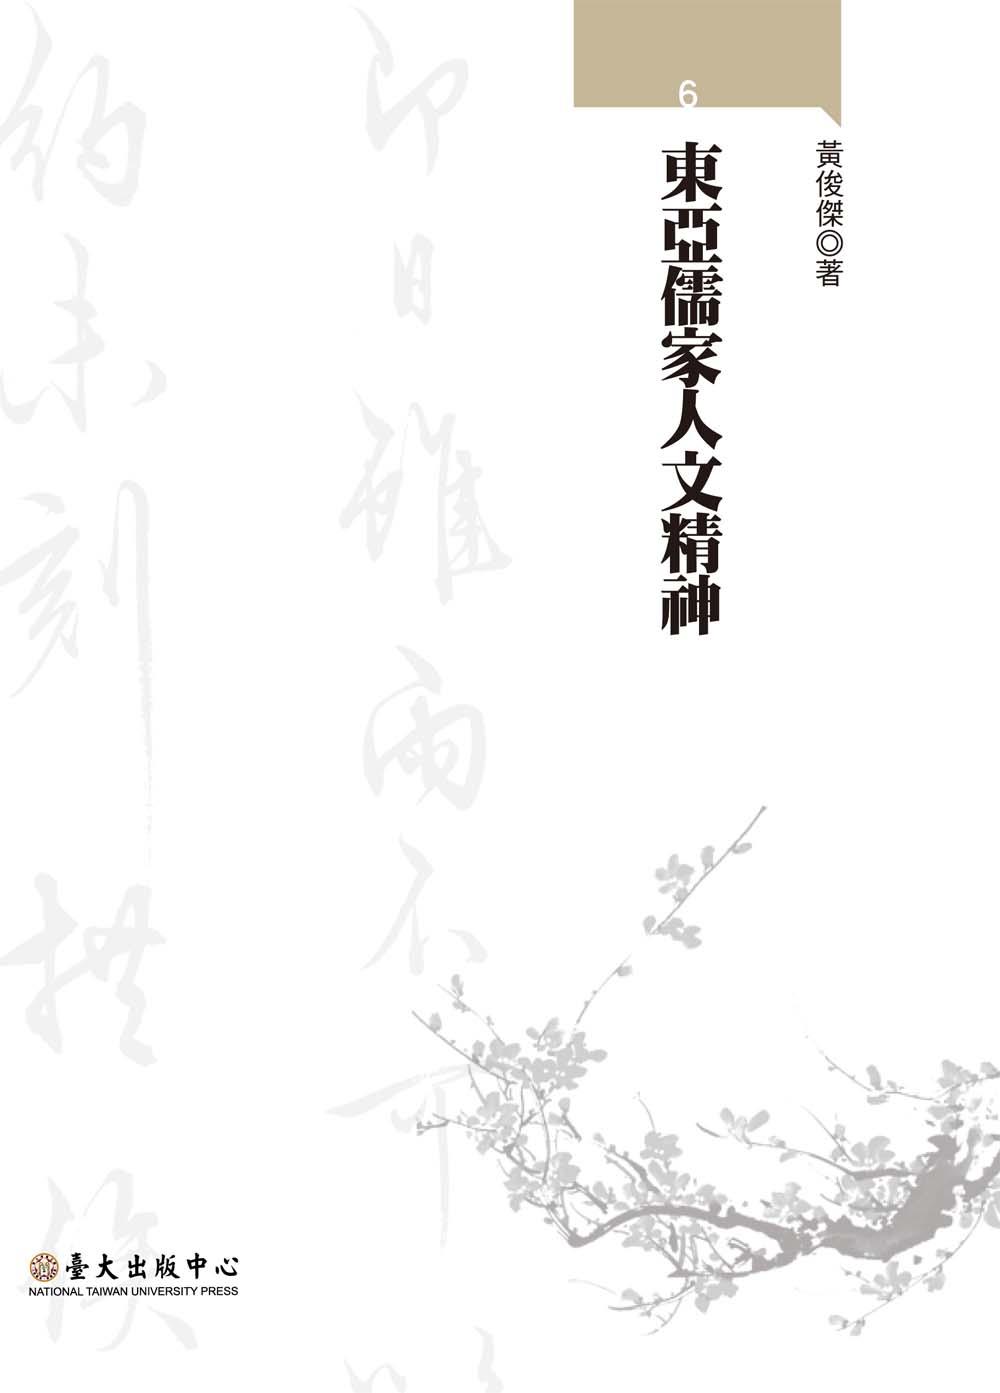 東亞儒家人文精神